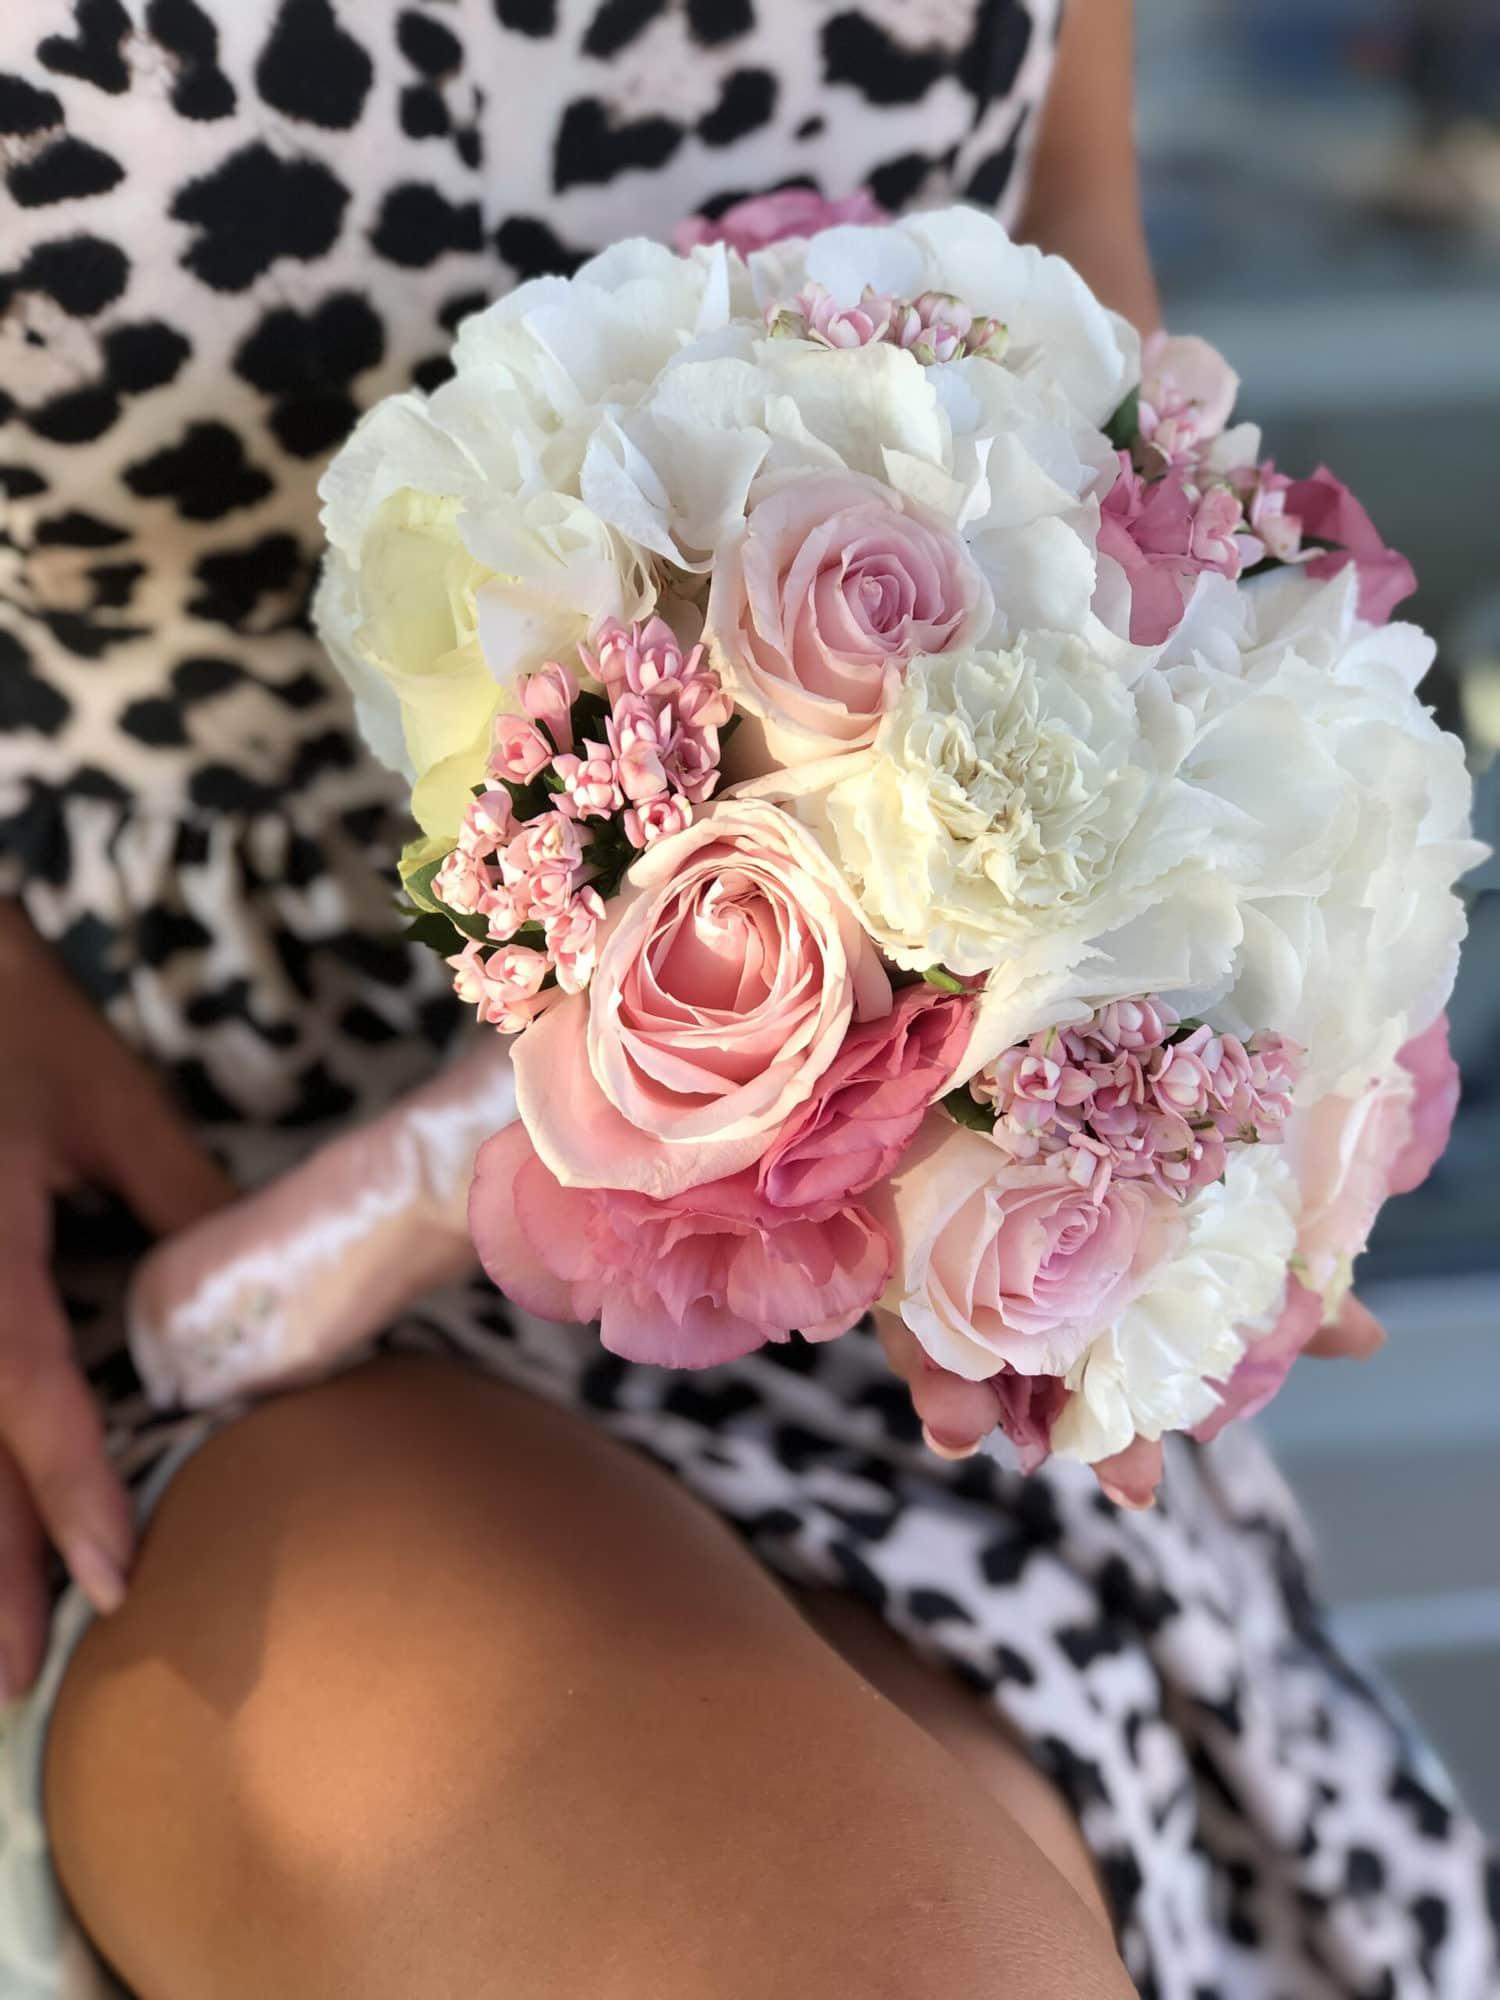 Nezno rozo-beli bidermajer, u kom preovladavaju ruze